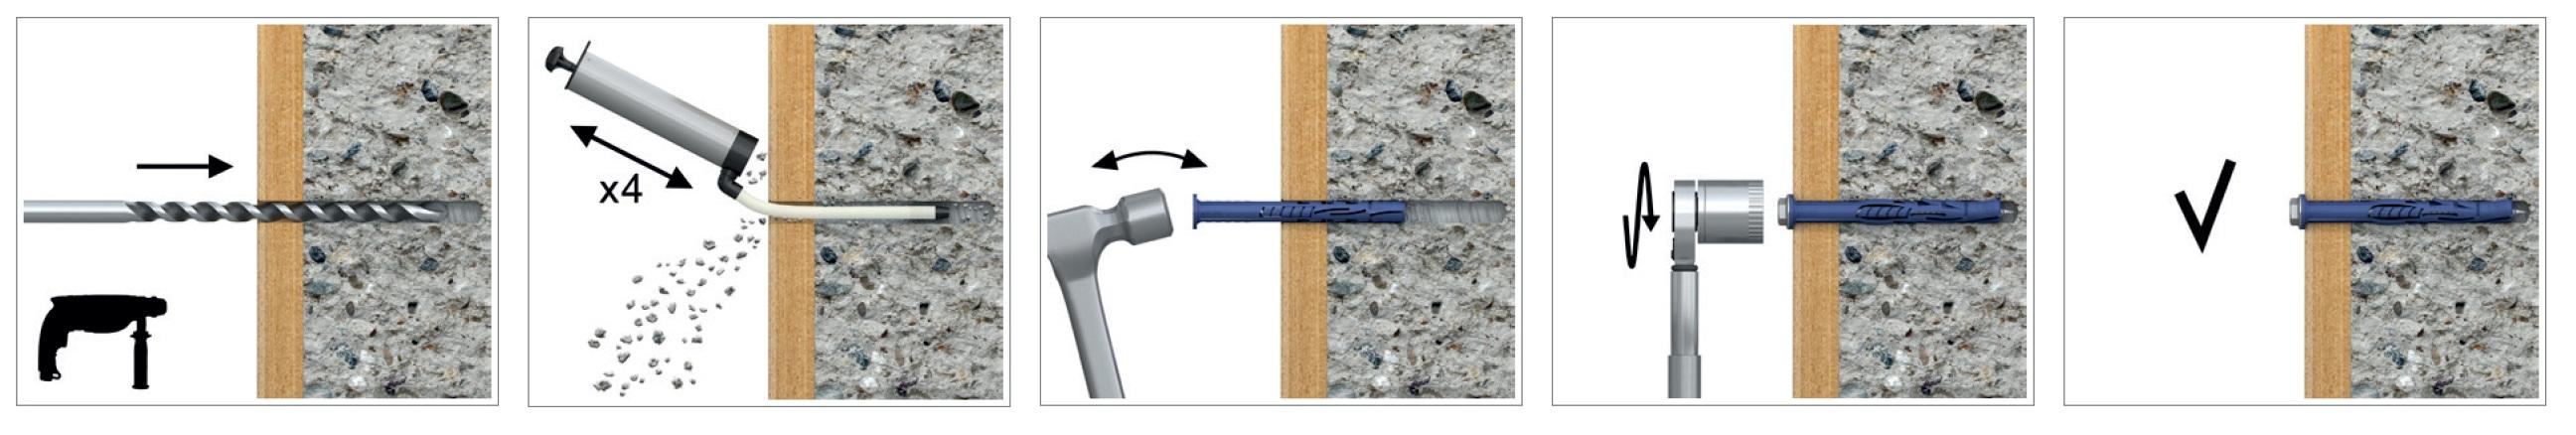 Дюбель фасадный универсальный с шурупом 10х100 (25 шт.) Rawlplug